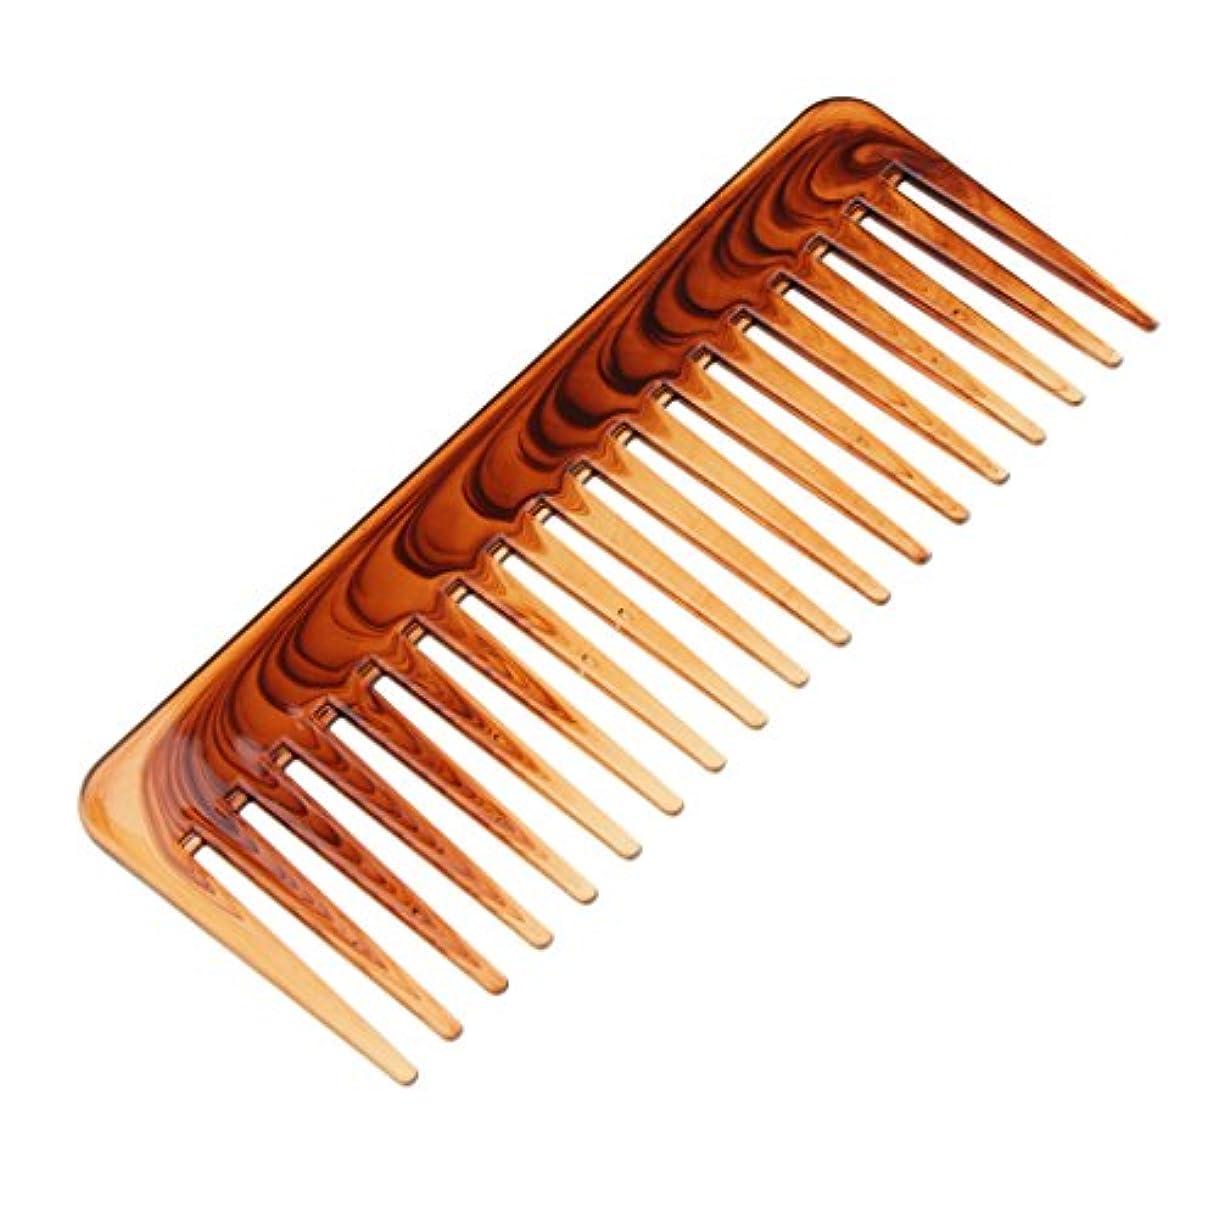 悪行息子見込み絡み合った髪の櫛ヘアコンディショニングレーキの櫛幅のあるヘアブラシのツール